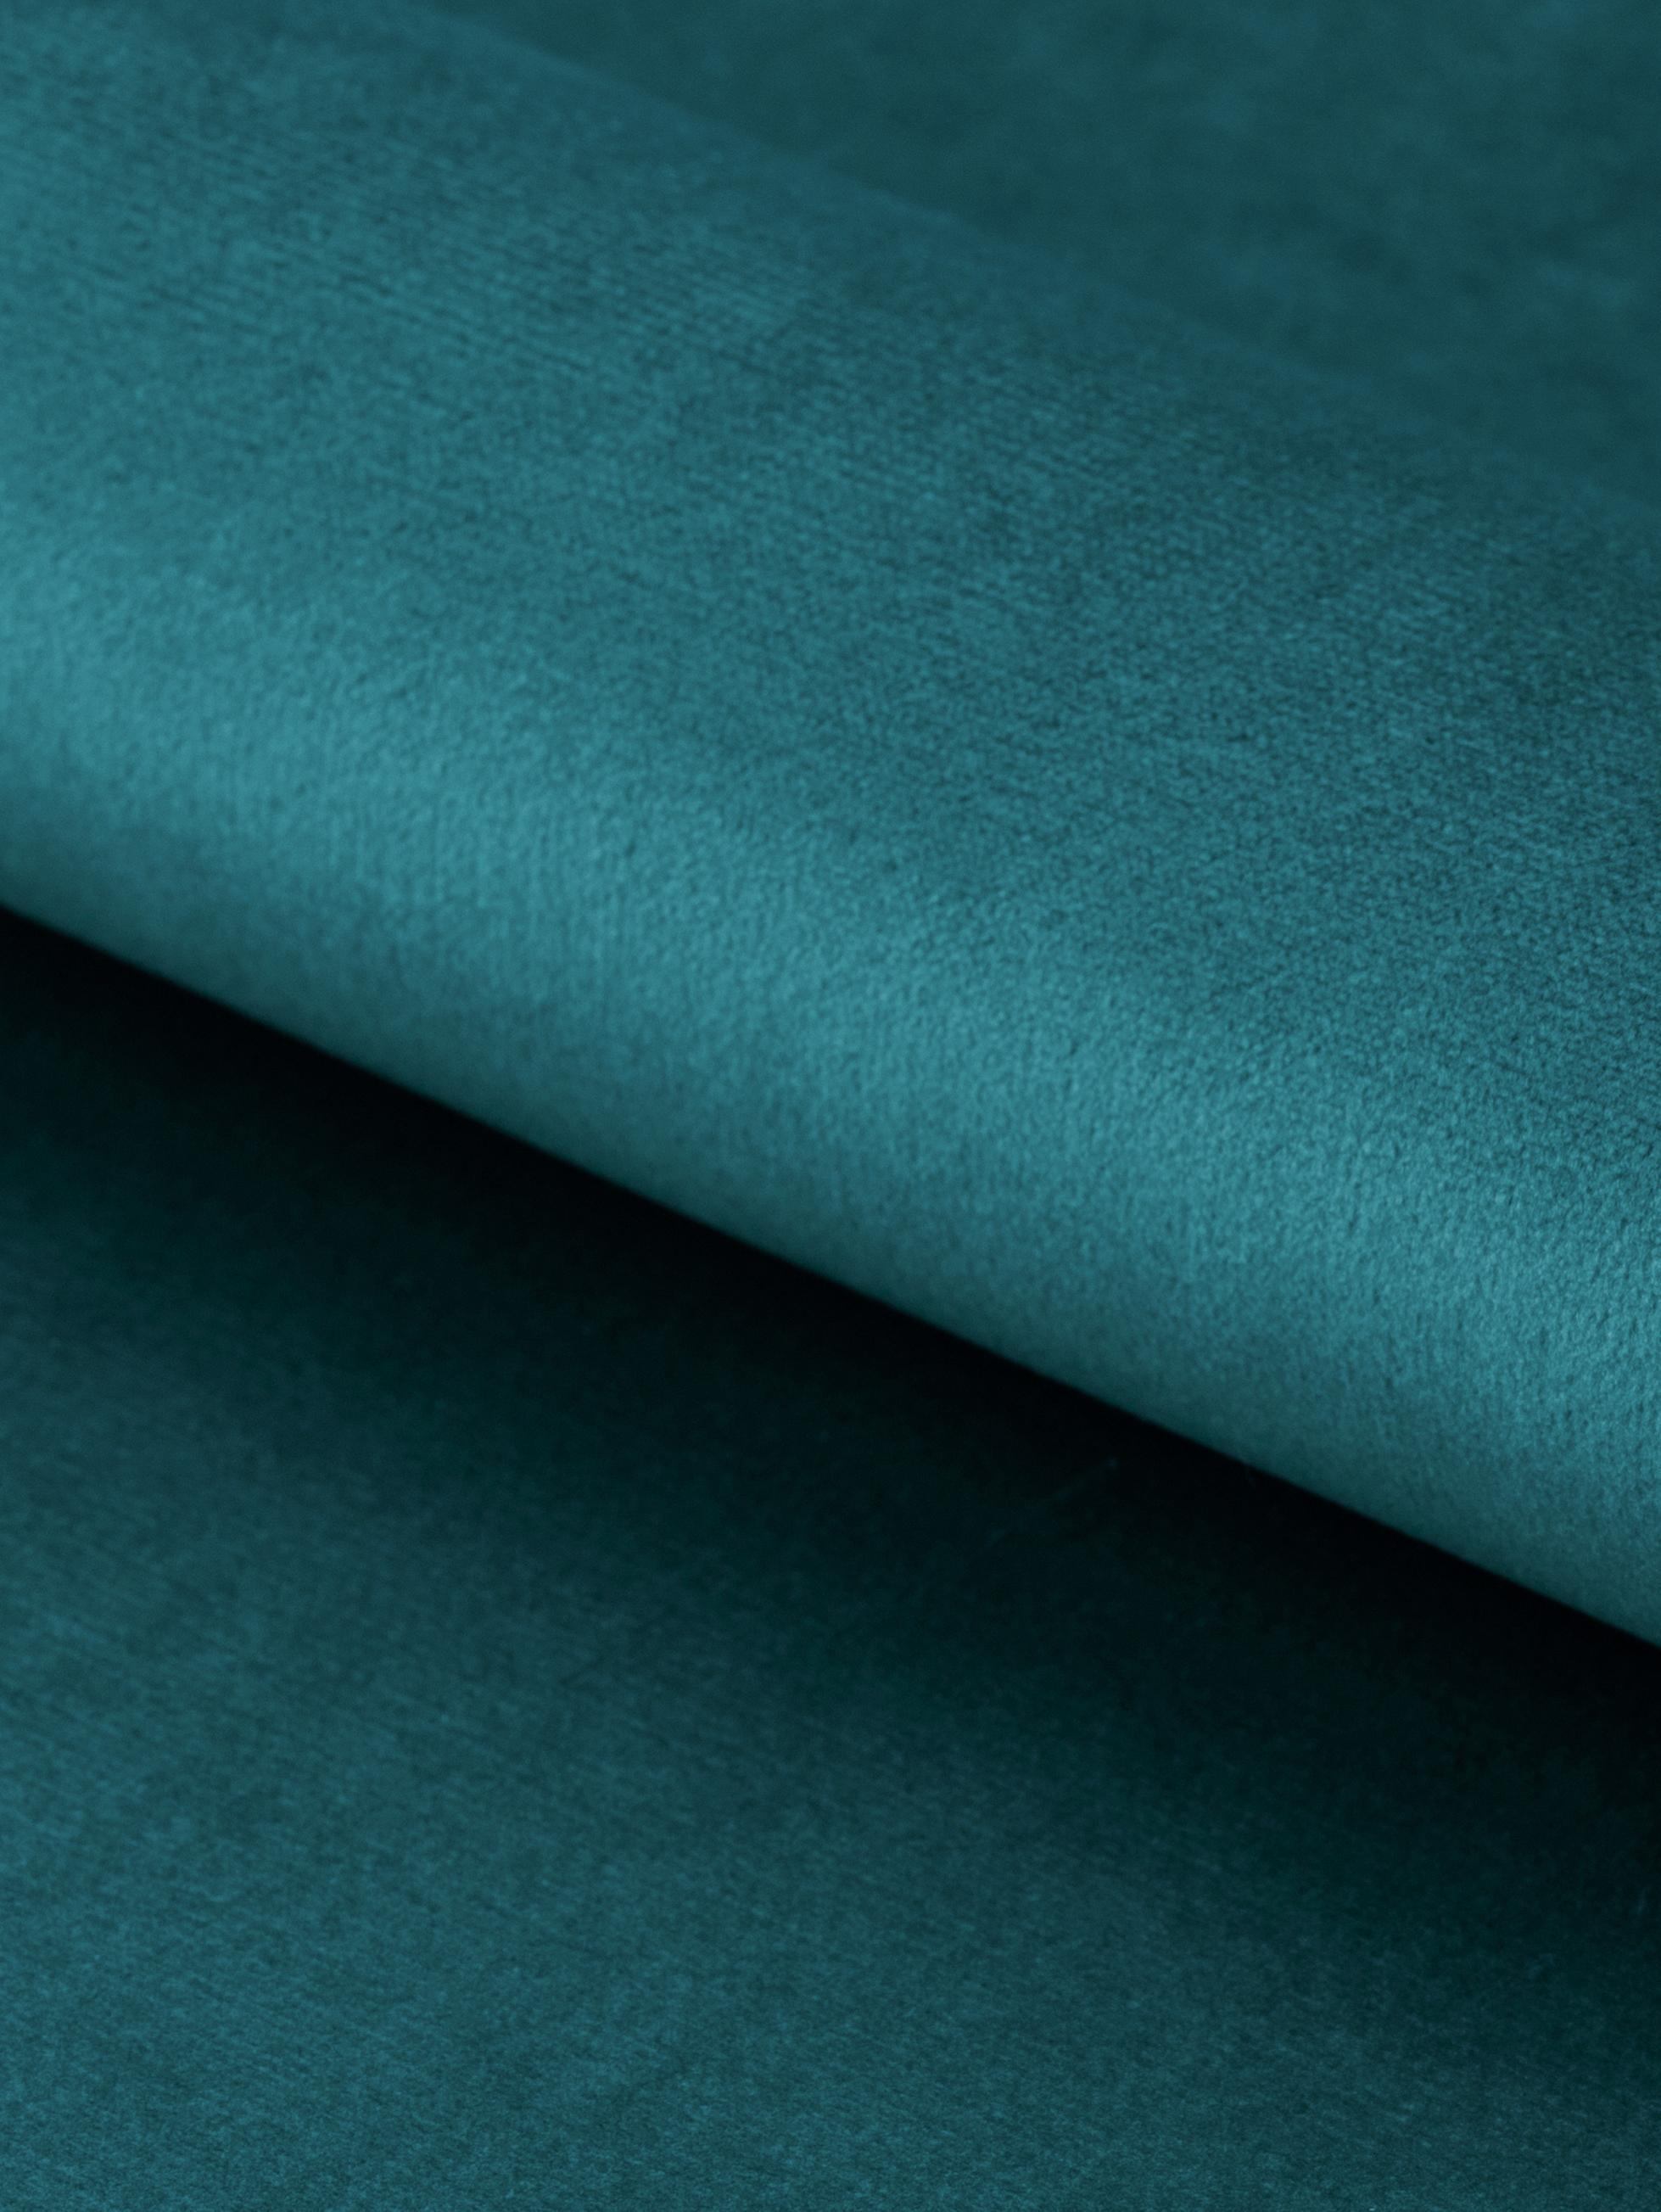 Samt-Polsterstuhl Emilia mit Armlehne, Bezug: Polyestersamt 25.000 Sche, Beine: Metall, lackiert, Samt Blau, Beine Schwarz, B 57 x T 59 cm